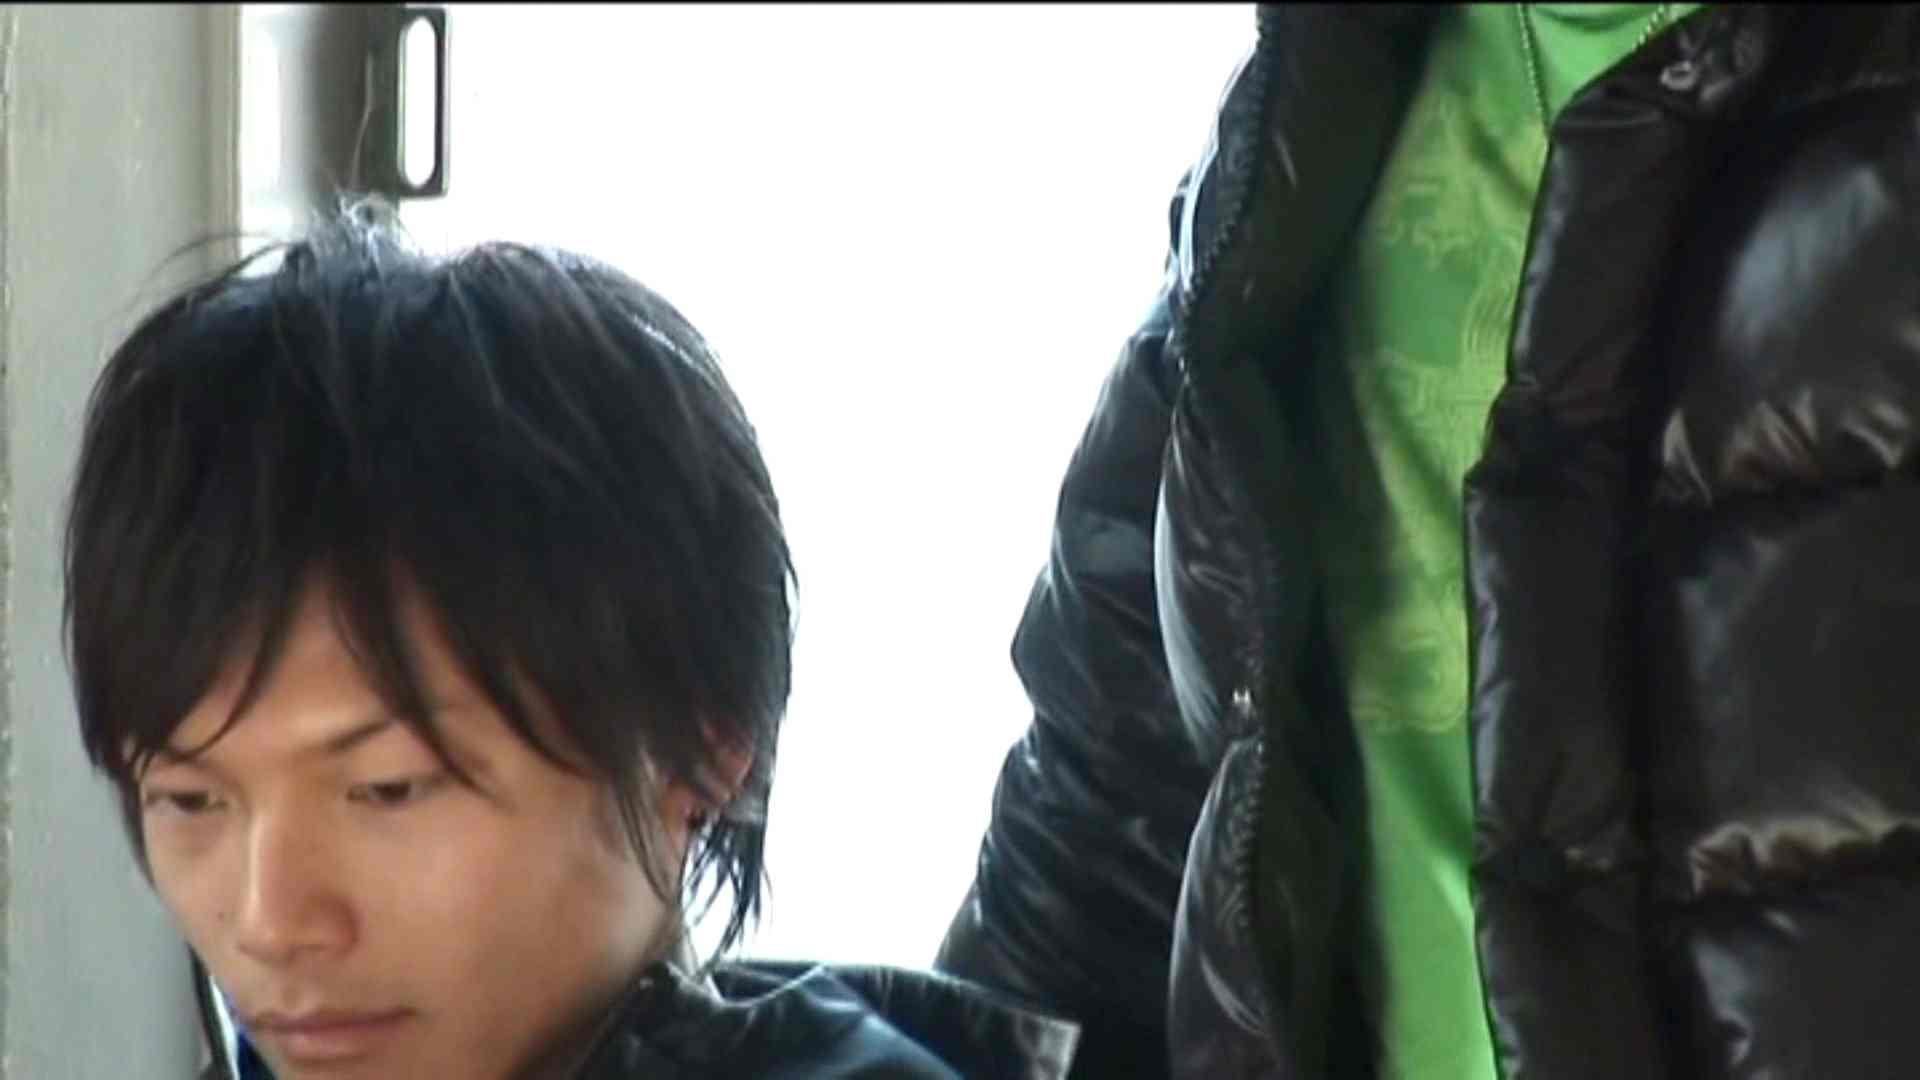 イケメン☆パラダイス〜男ざかりの君たちへ〜vol.37 手コキ ゲイアダルトビデオ画像 66pic 2